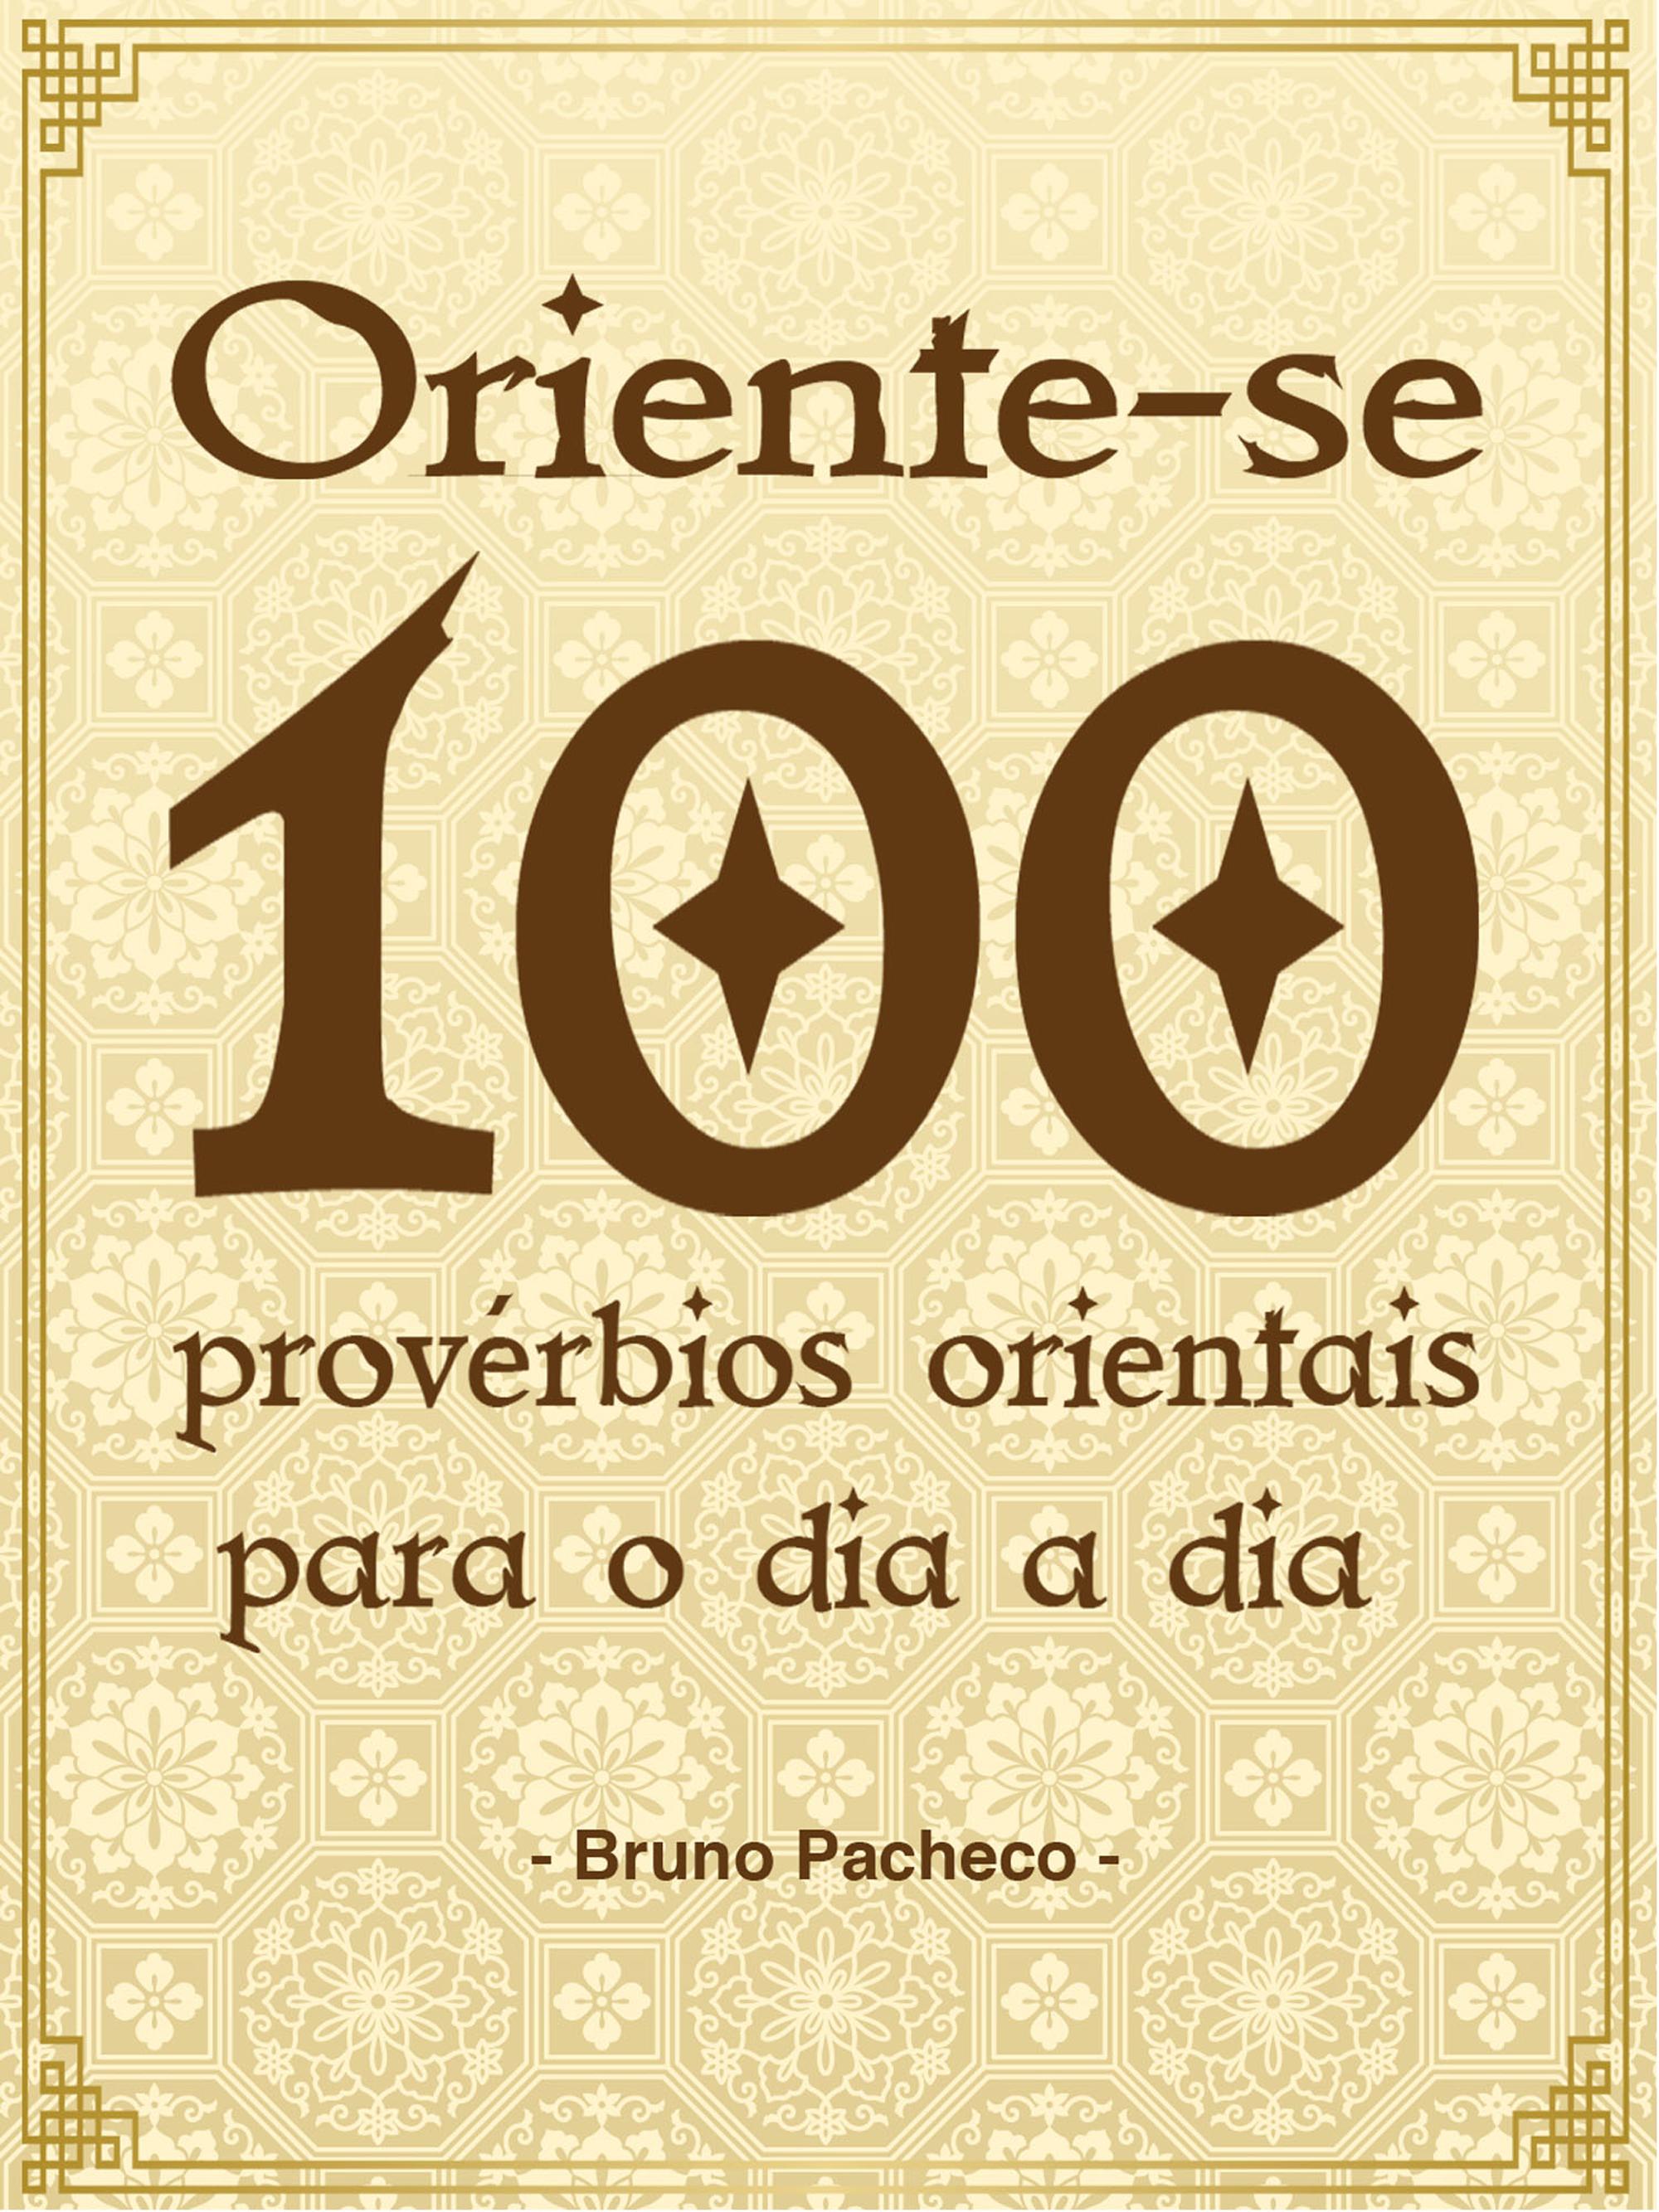 Bruno Pacheco - Oriente-se - 100 provérbios orientais para o dia a dia